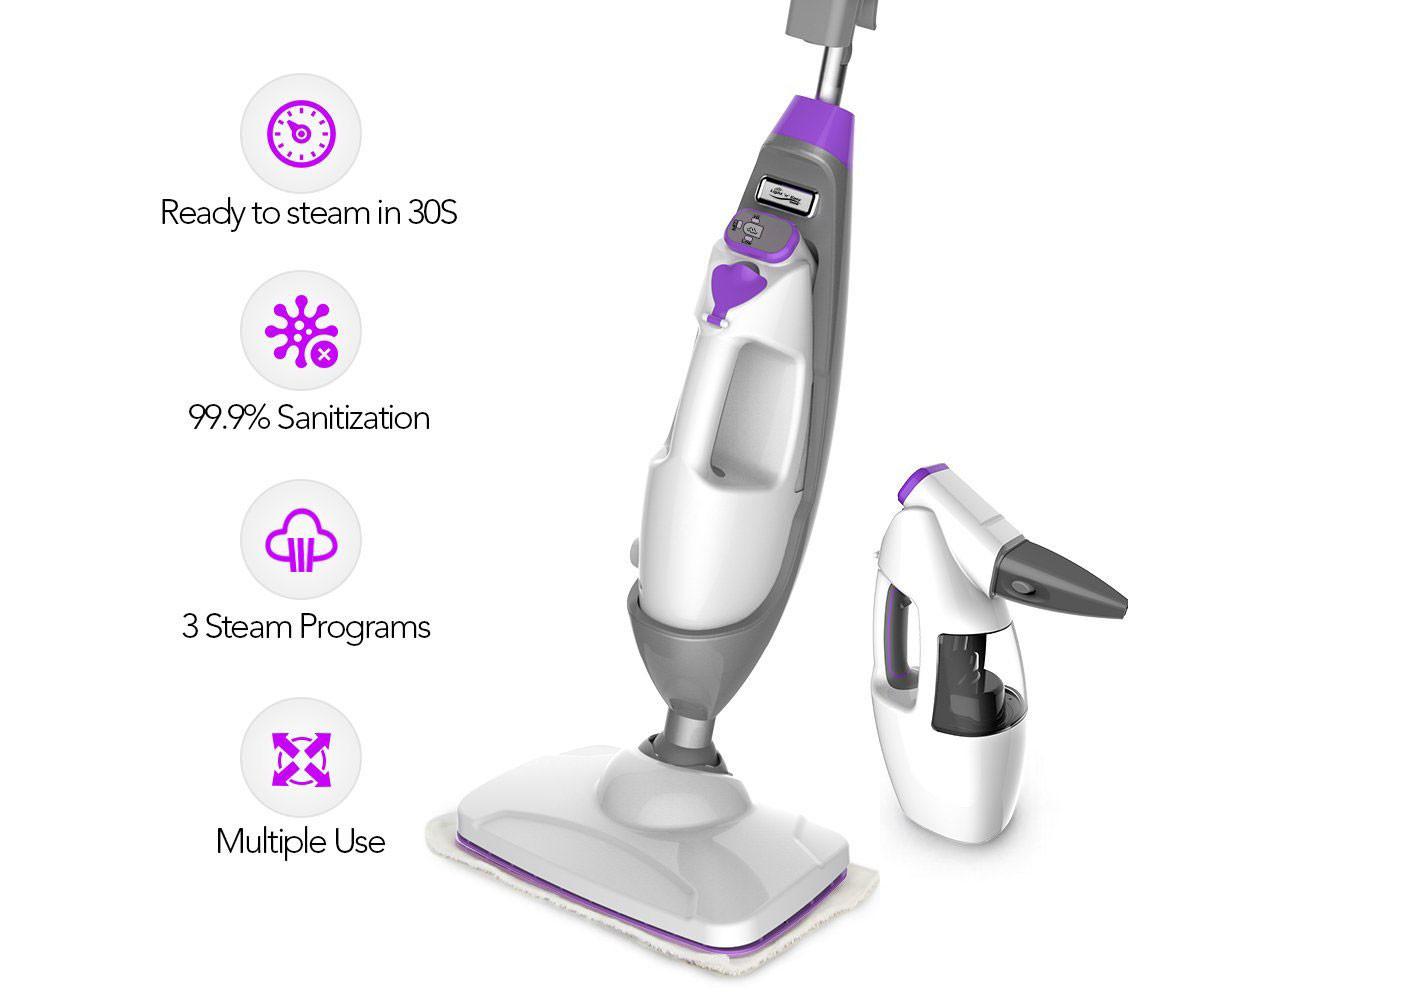 shark steam mop hardwood floor cleaner of the 4 best steam mops regarding 2fe79362 04e4 4921 9605 5b9cb87dd11c b5921dd6 34ca 456e b402 83ebd3446b91 light n easy